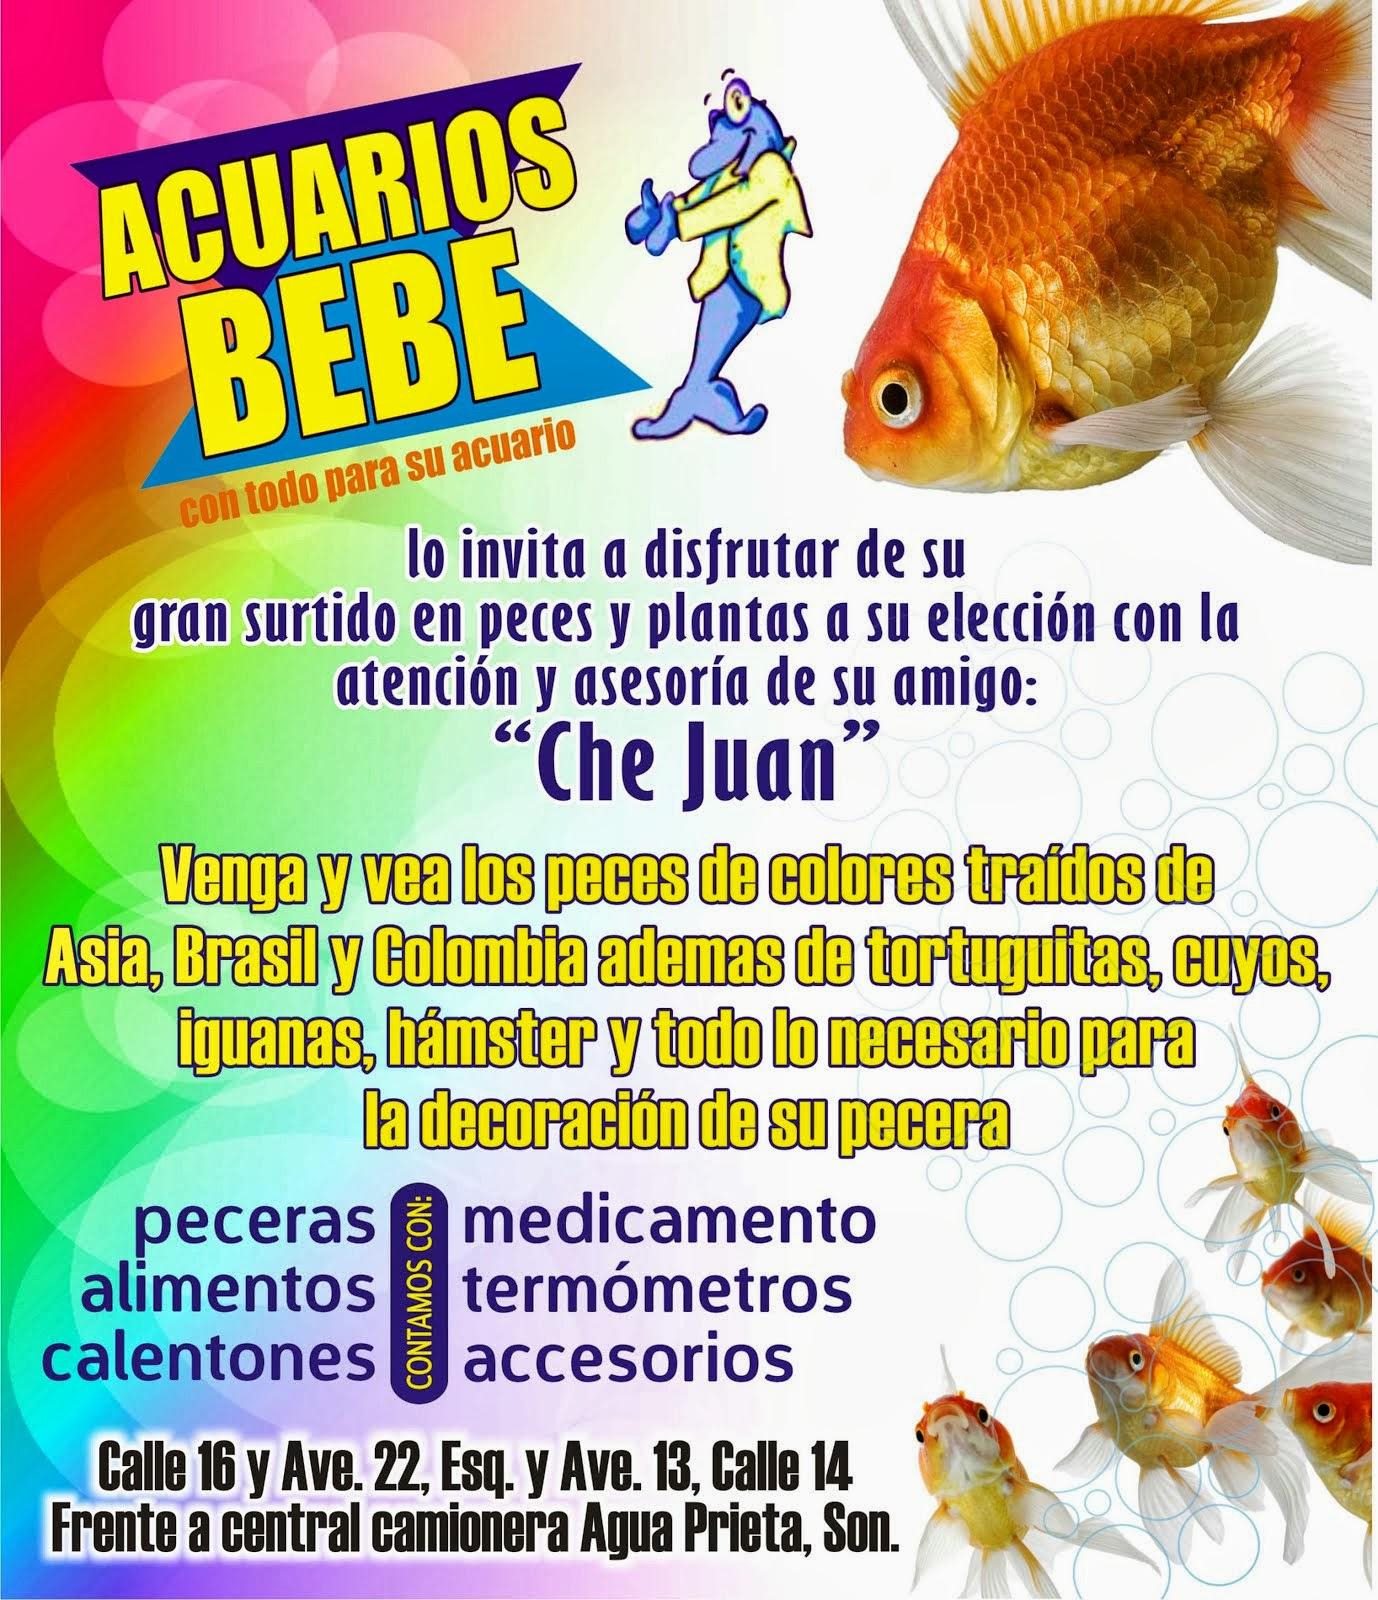 Acuarios BeBe